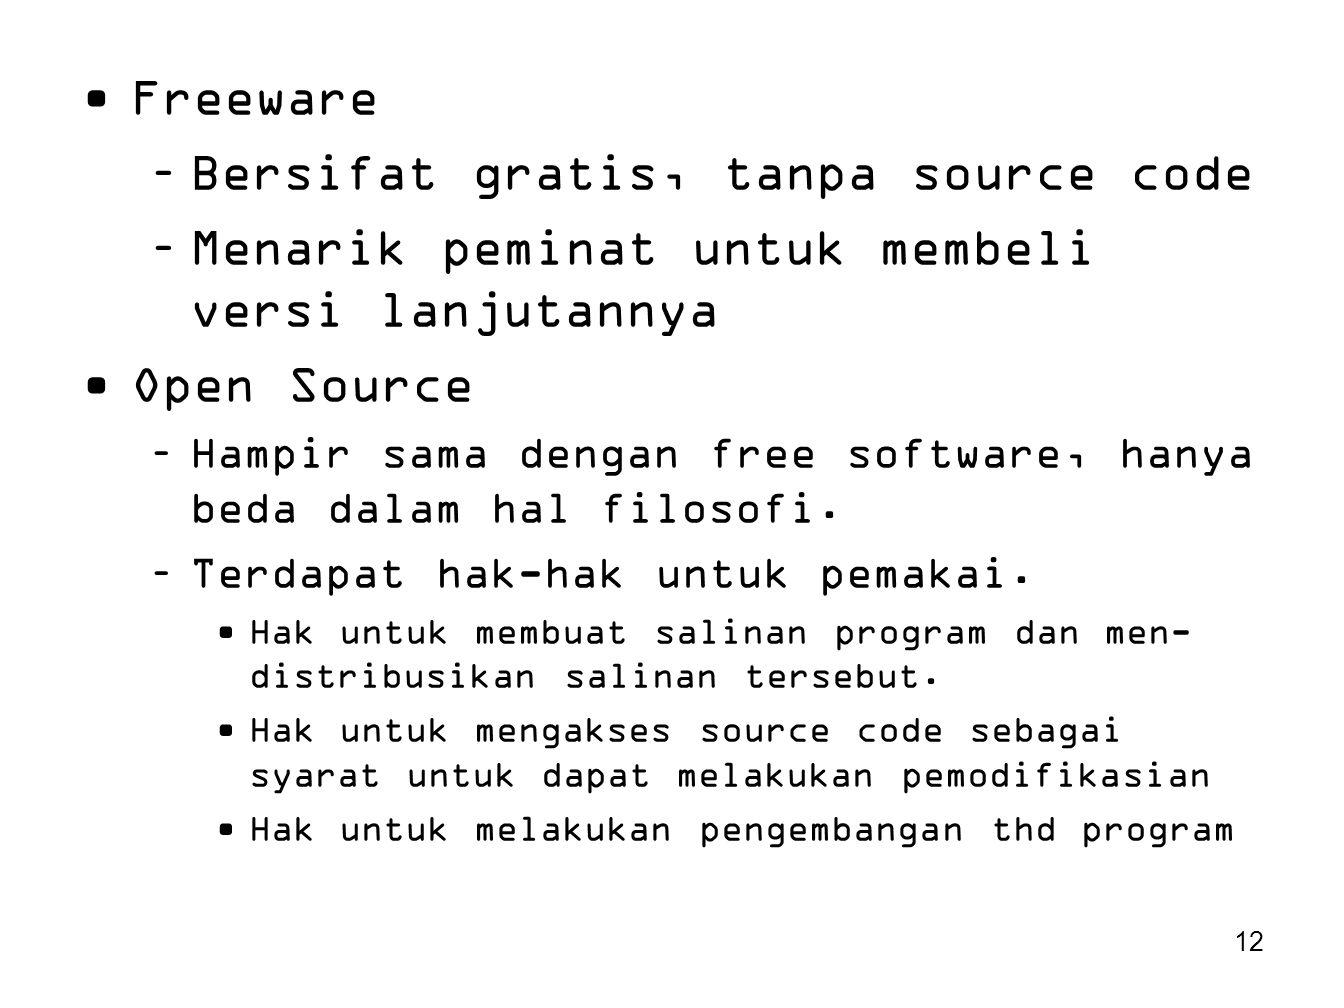 Bersifat gratis, tanpa source code